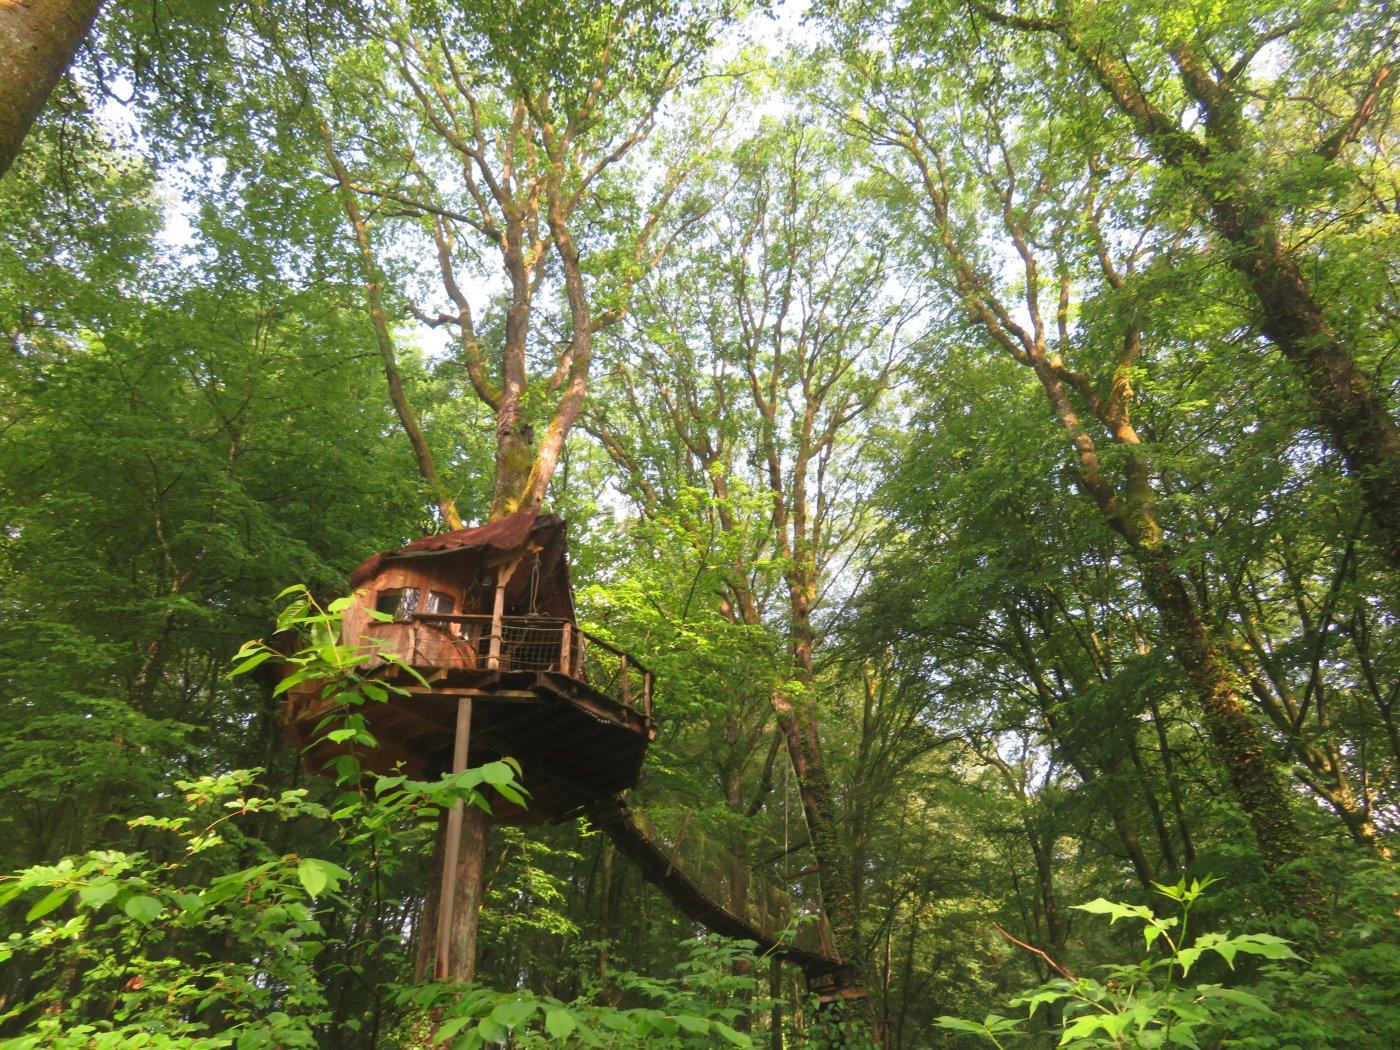 insolite-travel-propose-des-experiences-inedites-comme-dormir-dans-des-cabanes-perchees-dans-arbres